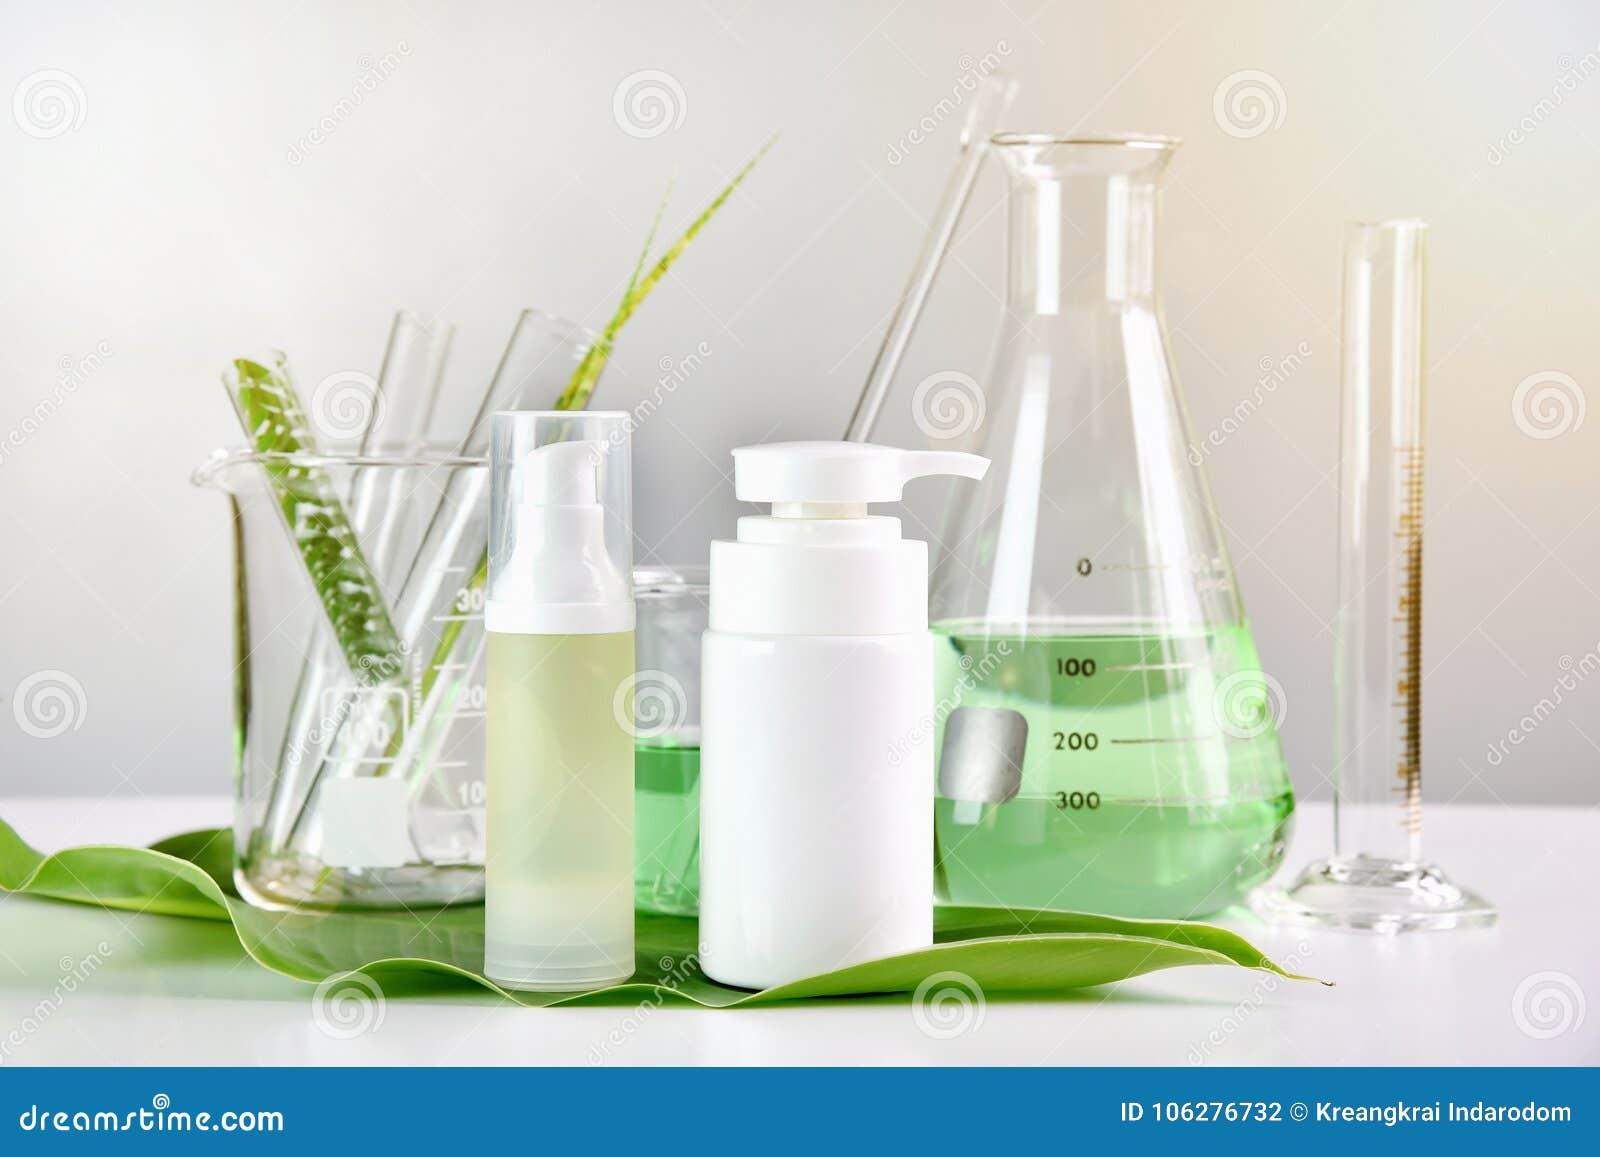 Cuidados com a pele naturais, descoberta orgânica erval verde do produto de beleza no laboratório de ciência